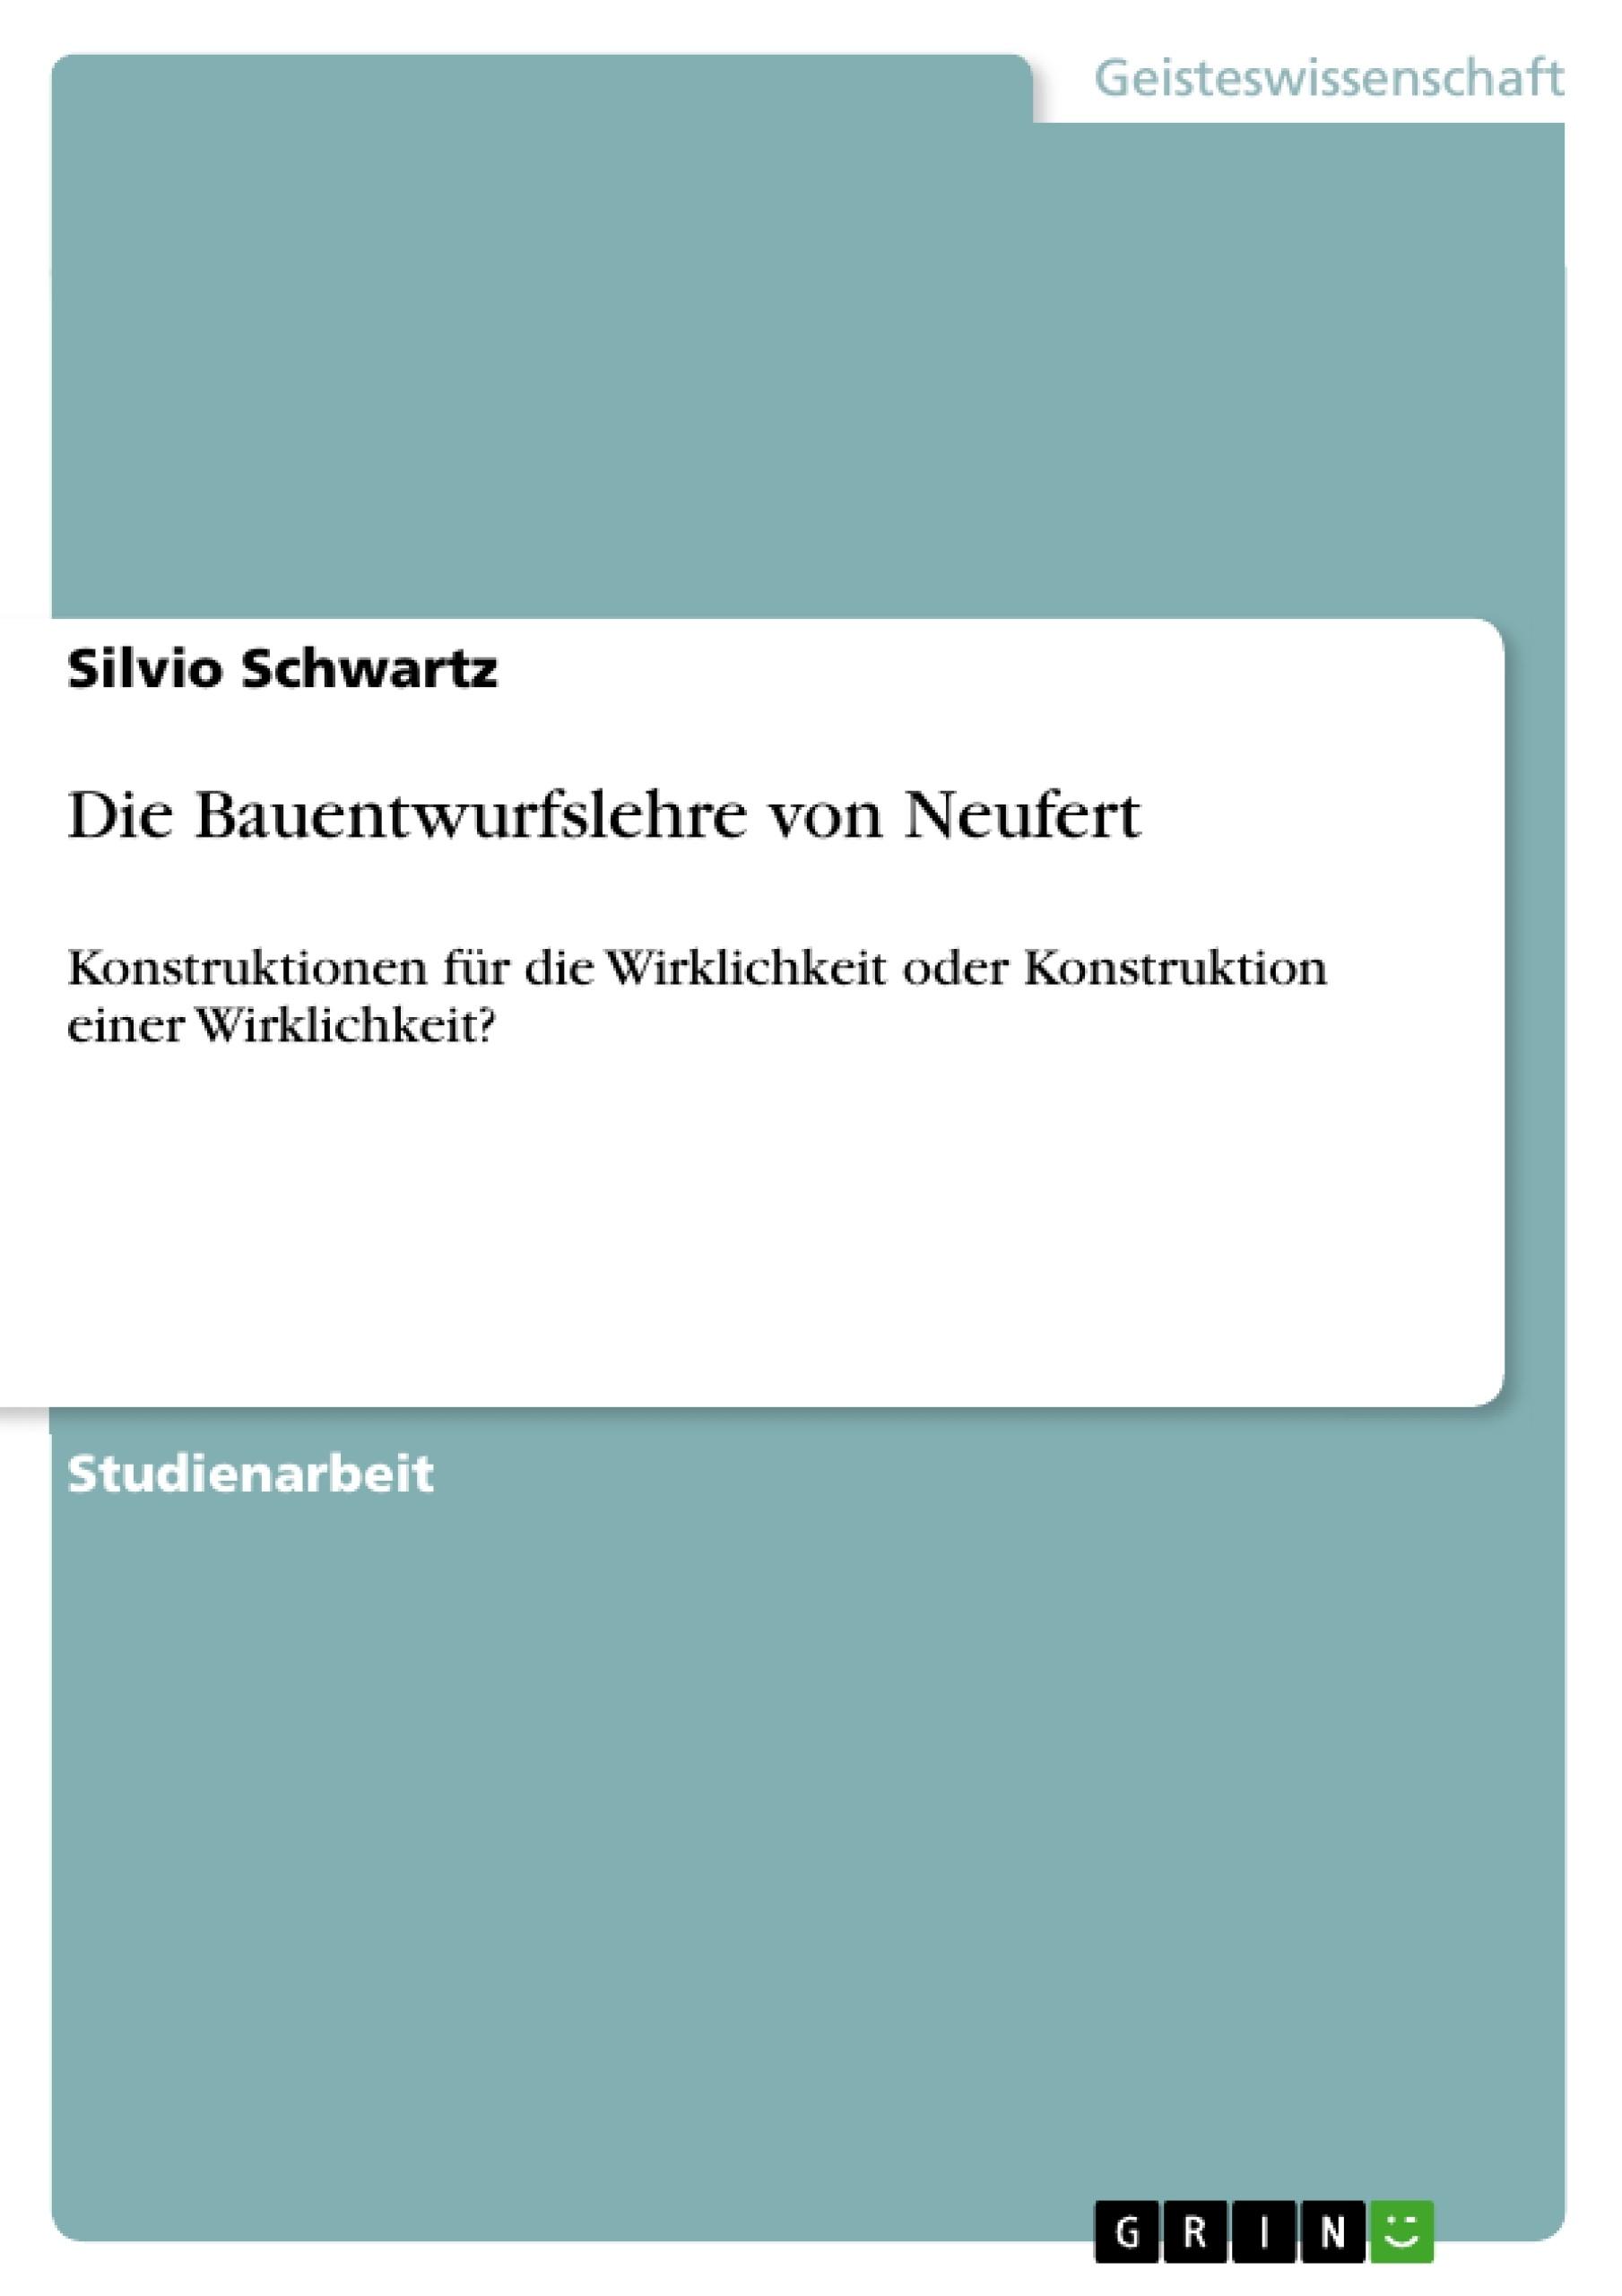 Titel: Die Bauentwurfslehre von Neufert